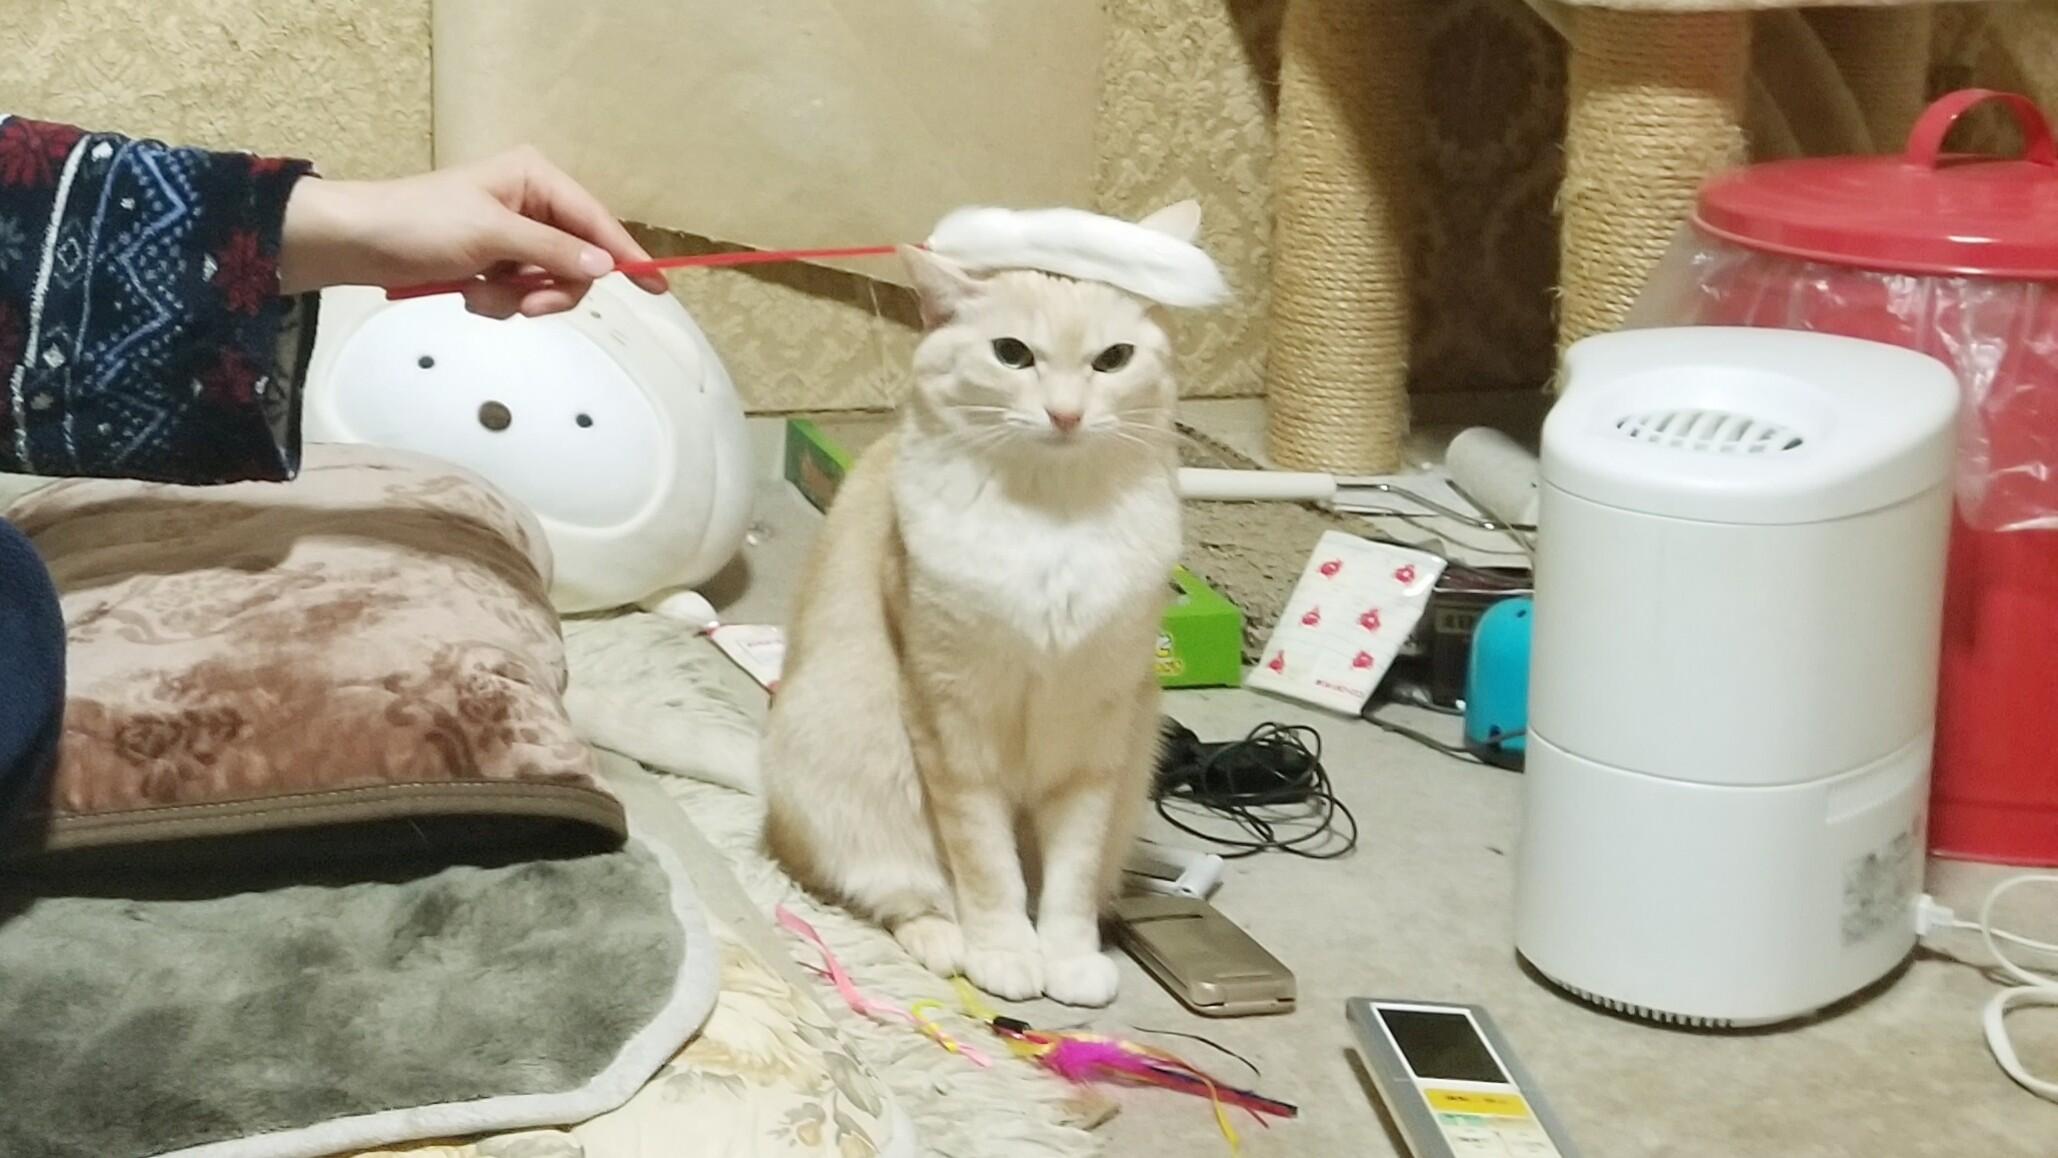 ペットは家族猫好きにゃんこかわいいぬいぐるみみたいな面白い画像